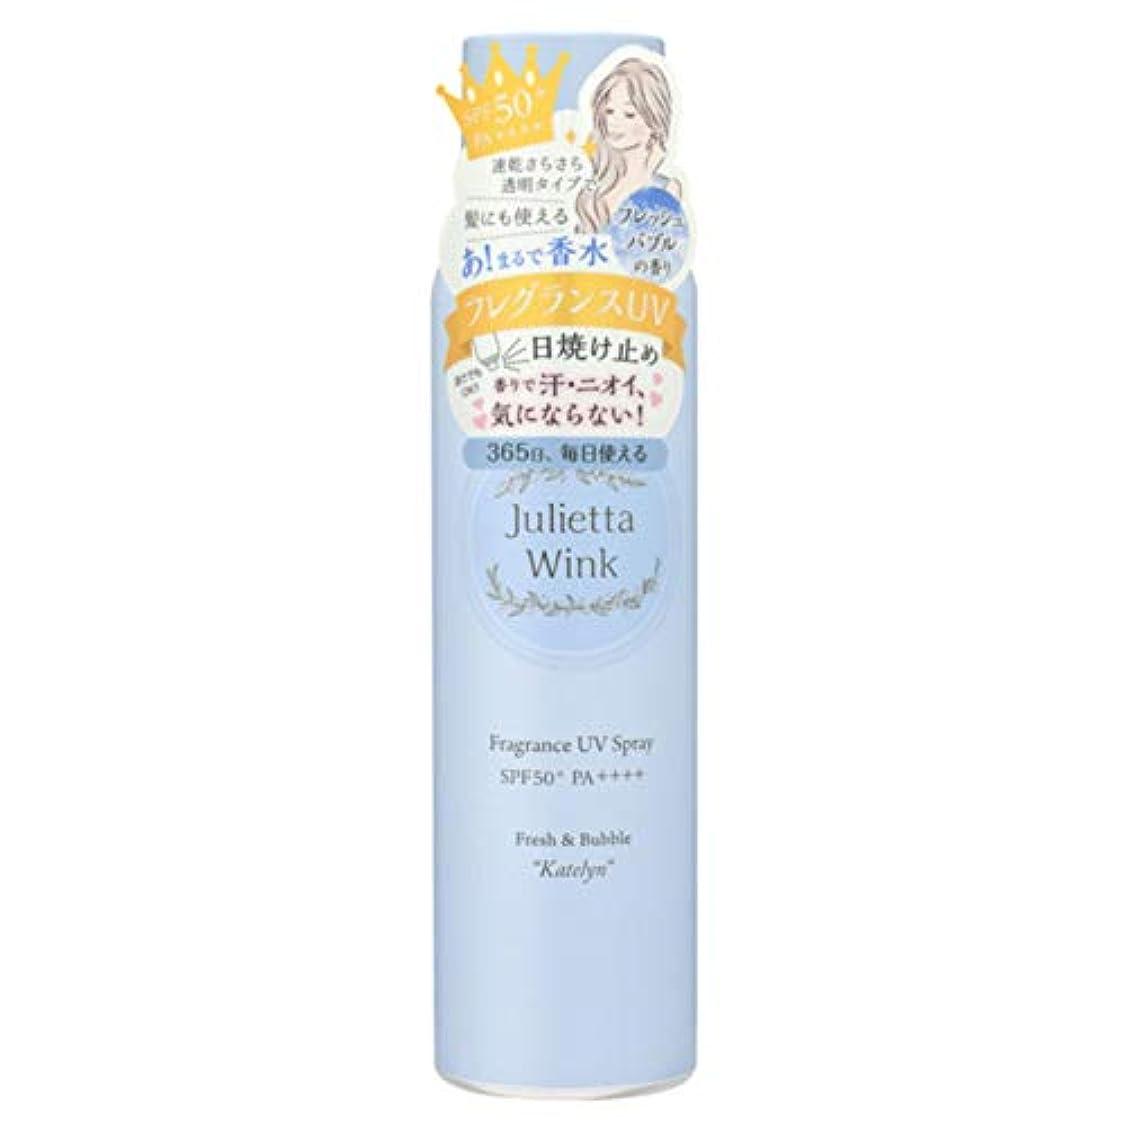 リットル休日にヒールジュリエッタウィンク フレグランス UVスプレー[ケイトリン]100g フレッシュバブルの香り(ブルー)